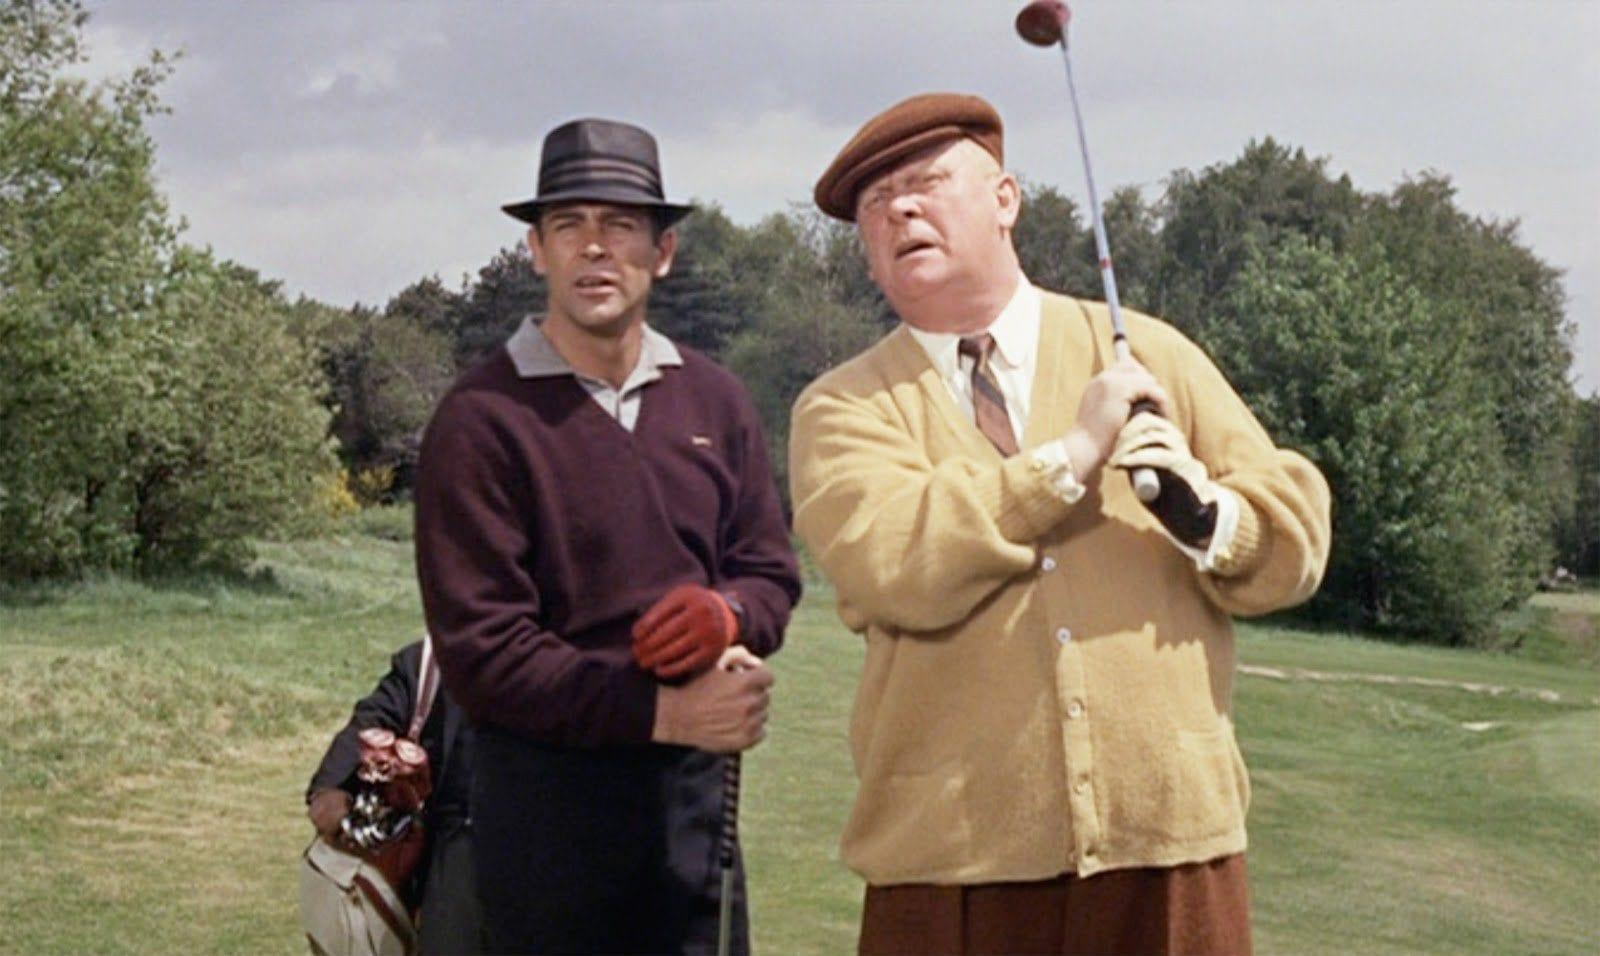 Goldfinger golfing